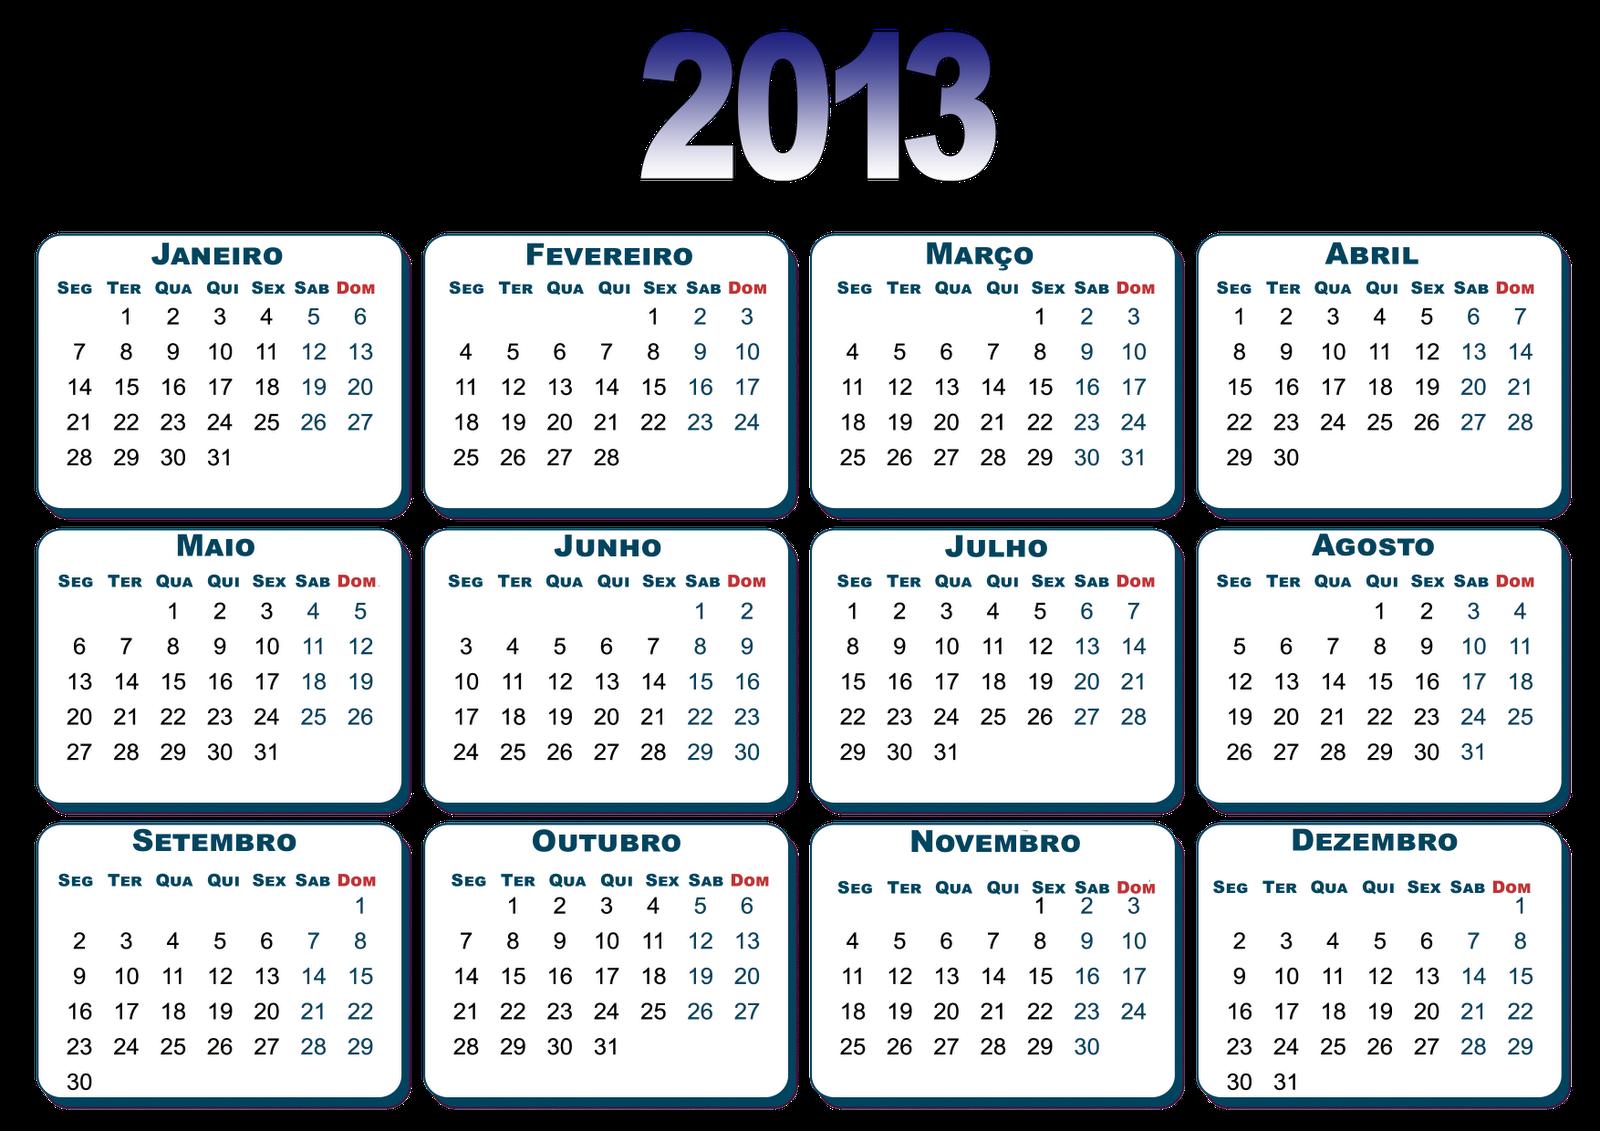 Mais duas bases para montagens de calendario 2013 em português do